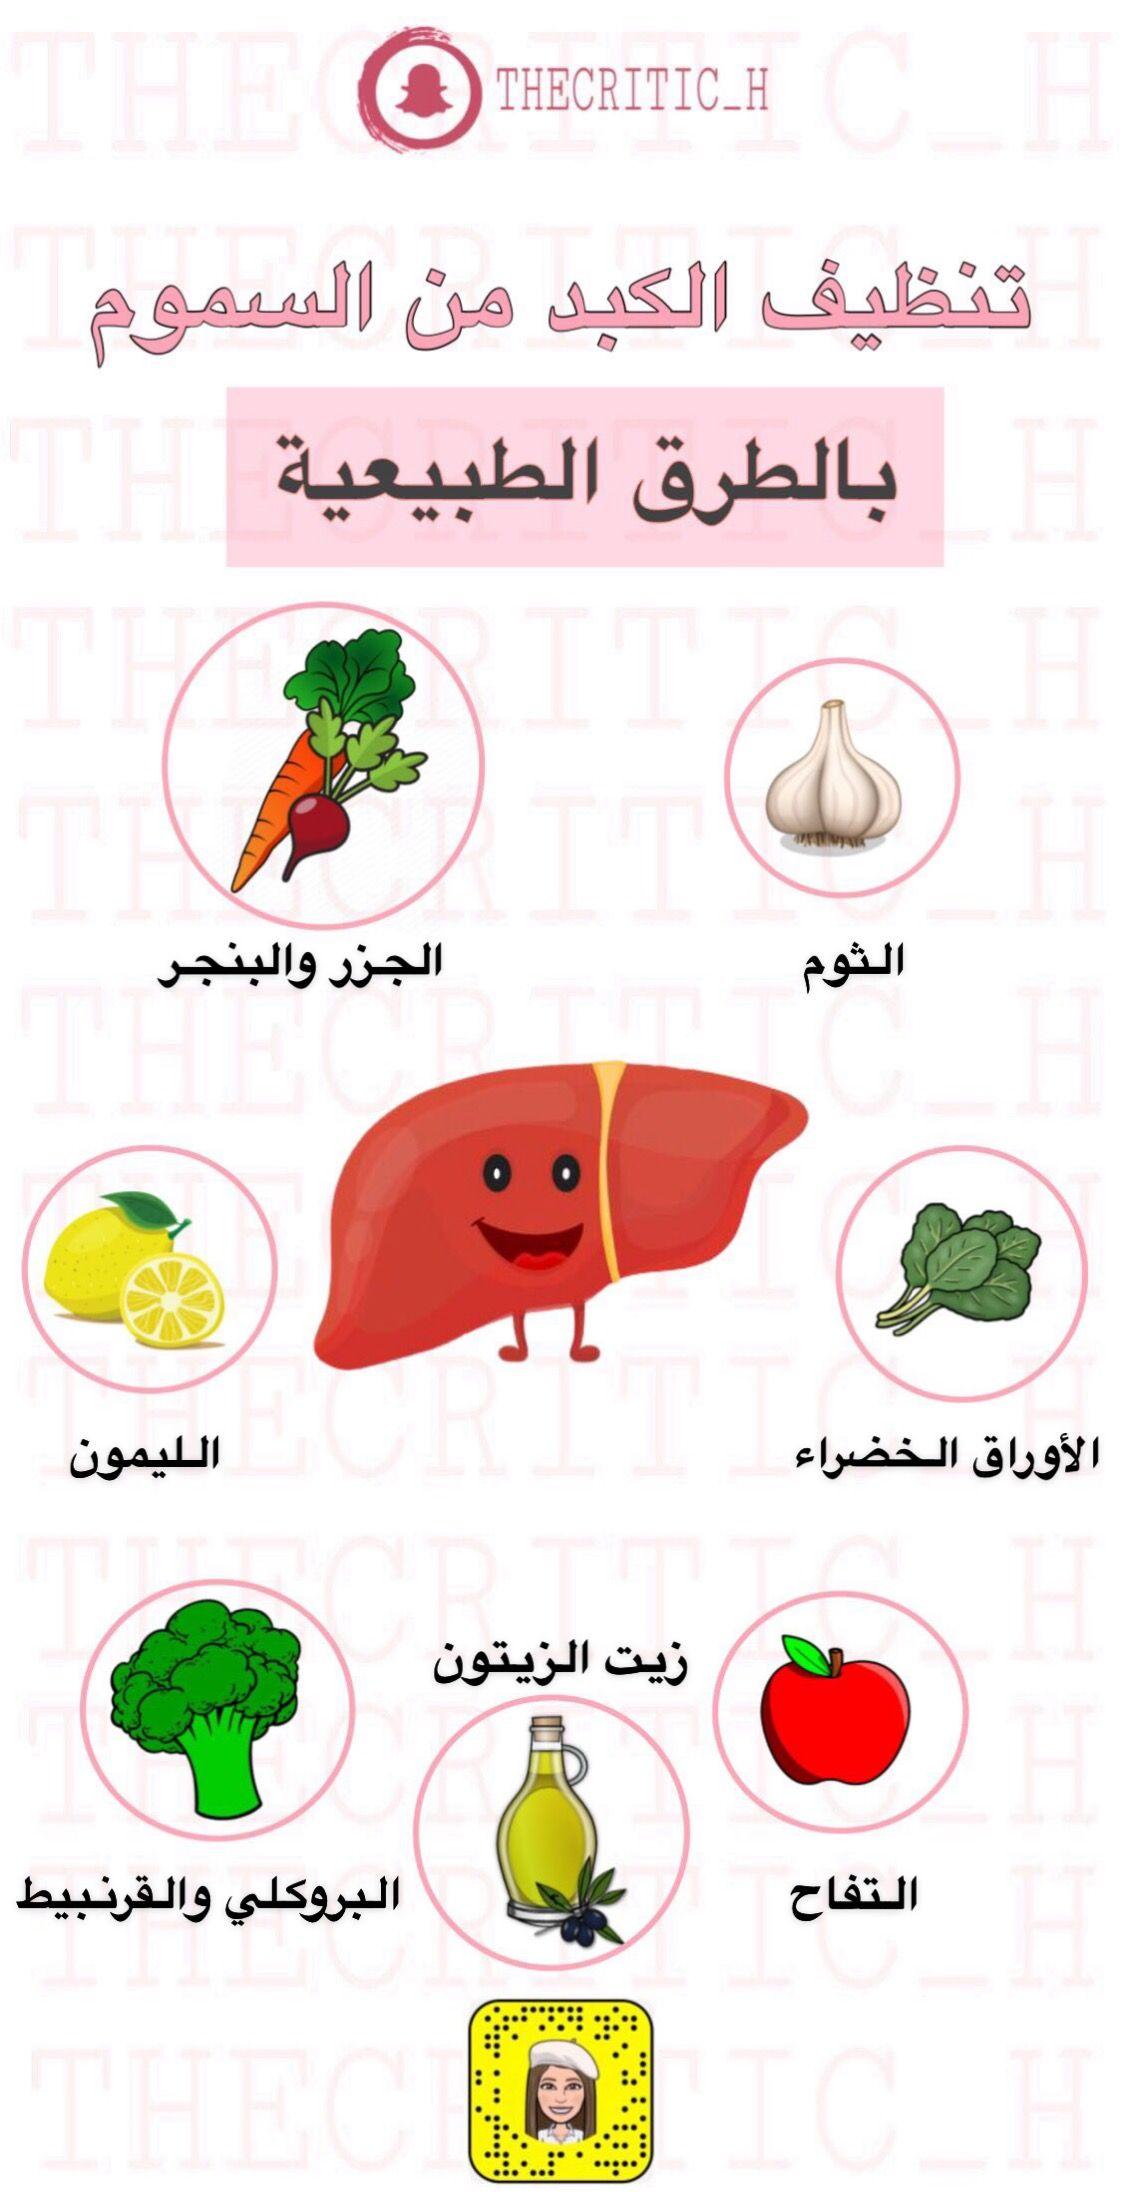 تنظيف الكبد من السموم بالطرق الطبيعية Healthy Facts Health Fitness Nutrition Health And Fitness Expo